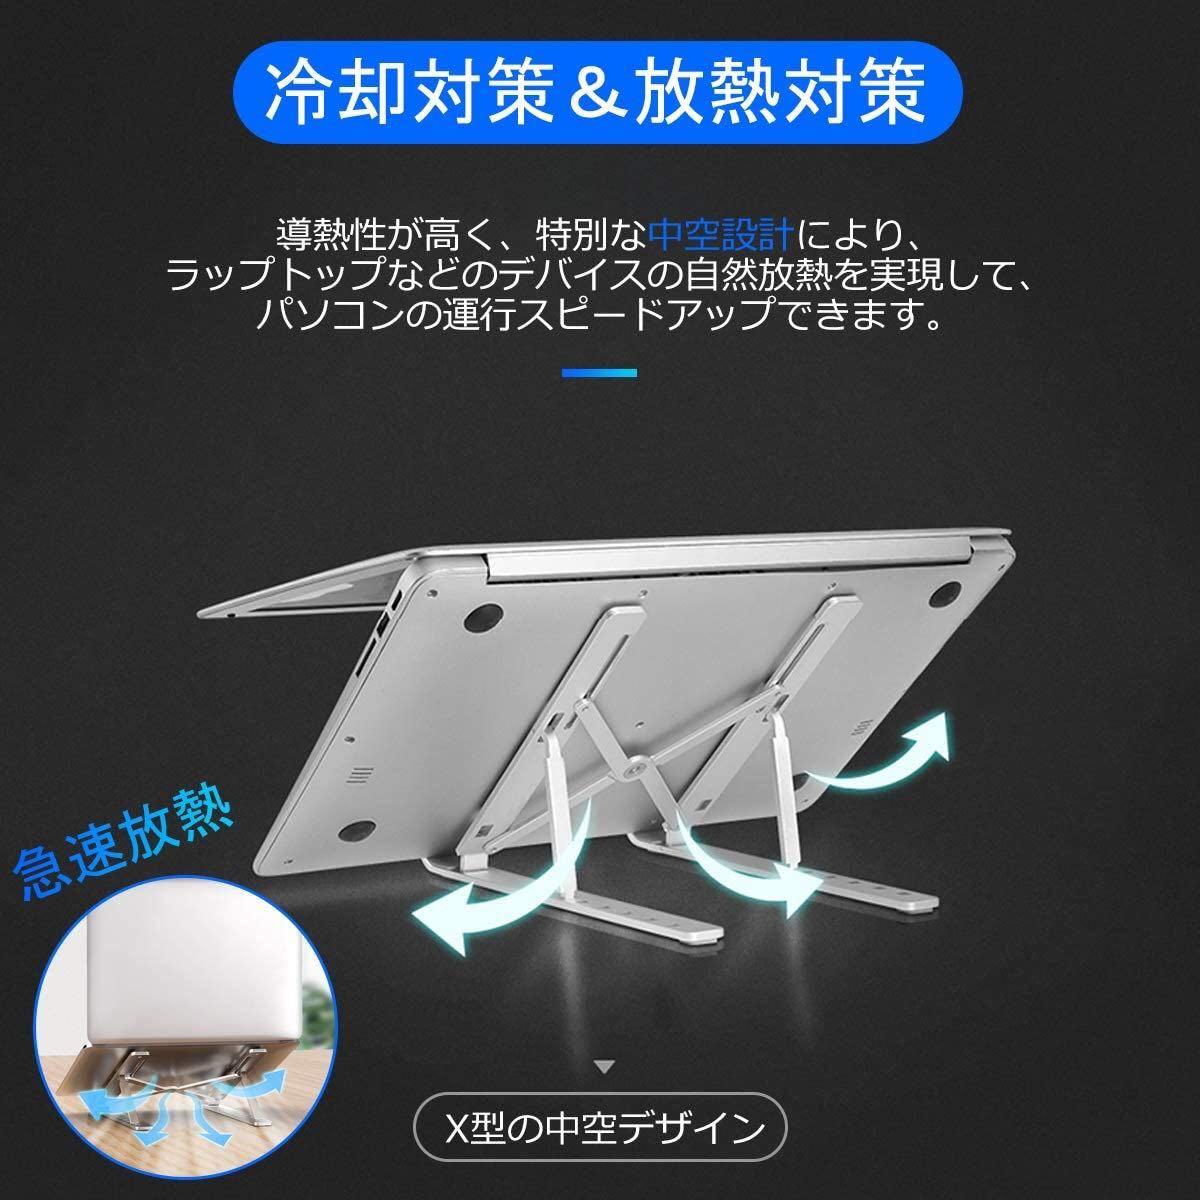 ノートパソコン スタンド 折りたたみ式 6段階角度 15.6インチまで